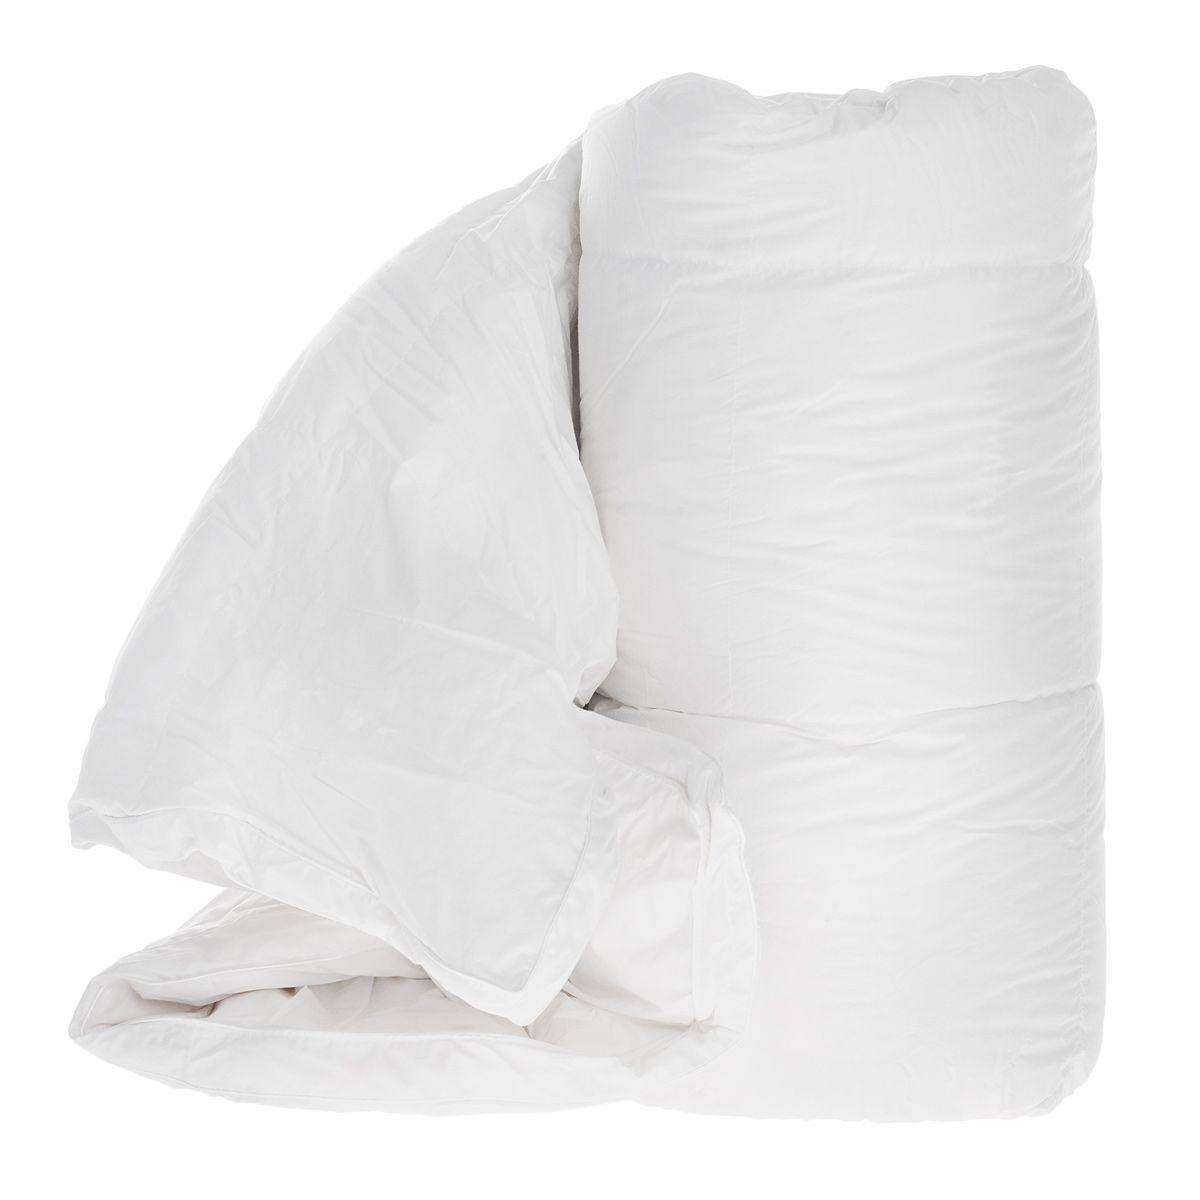 Одеяло TAC Shiny, наполнитель: гусинные пух и перья, 155 x 215 см531-401Одеяло TAC Shiny обеспечит вам здоровый сон и комфорт. Чехол выполнен из 100% натурального хлопка и оформлен фигурной стежкой. В качестве наполнителя используется 95% специальный гусиный пух. Наполнитель равномерно распределен внутри чехла. Край одеяла декорирован узором из страз.Гусиный пух сохраняет температуру в 2,5 раза лучше, чем другие наполнители. Специальная обработка пуха препятствует появлению бактерий в одеяле. Ваше одеяло прослужит долго, а его изысканный внешний вид будет годами дарить вам уют. Одеяло упаковано в сумку-чехол, закрывающуюся на застежку-молнию.